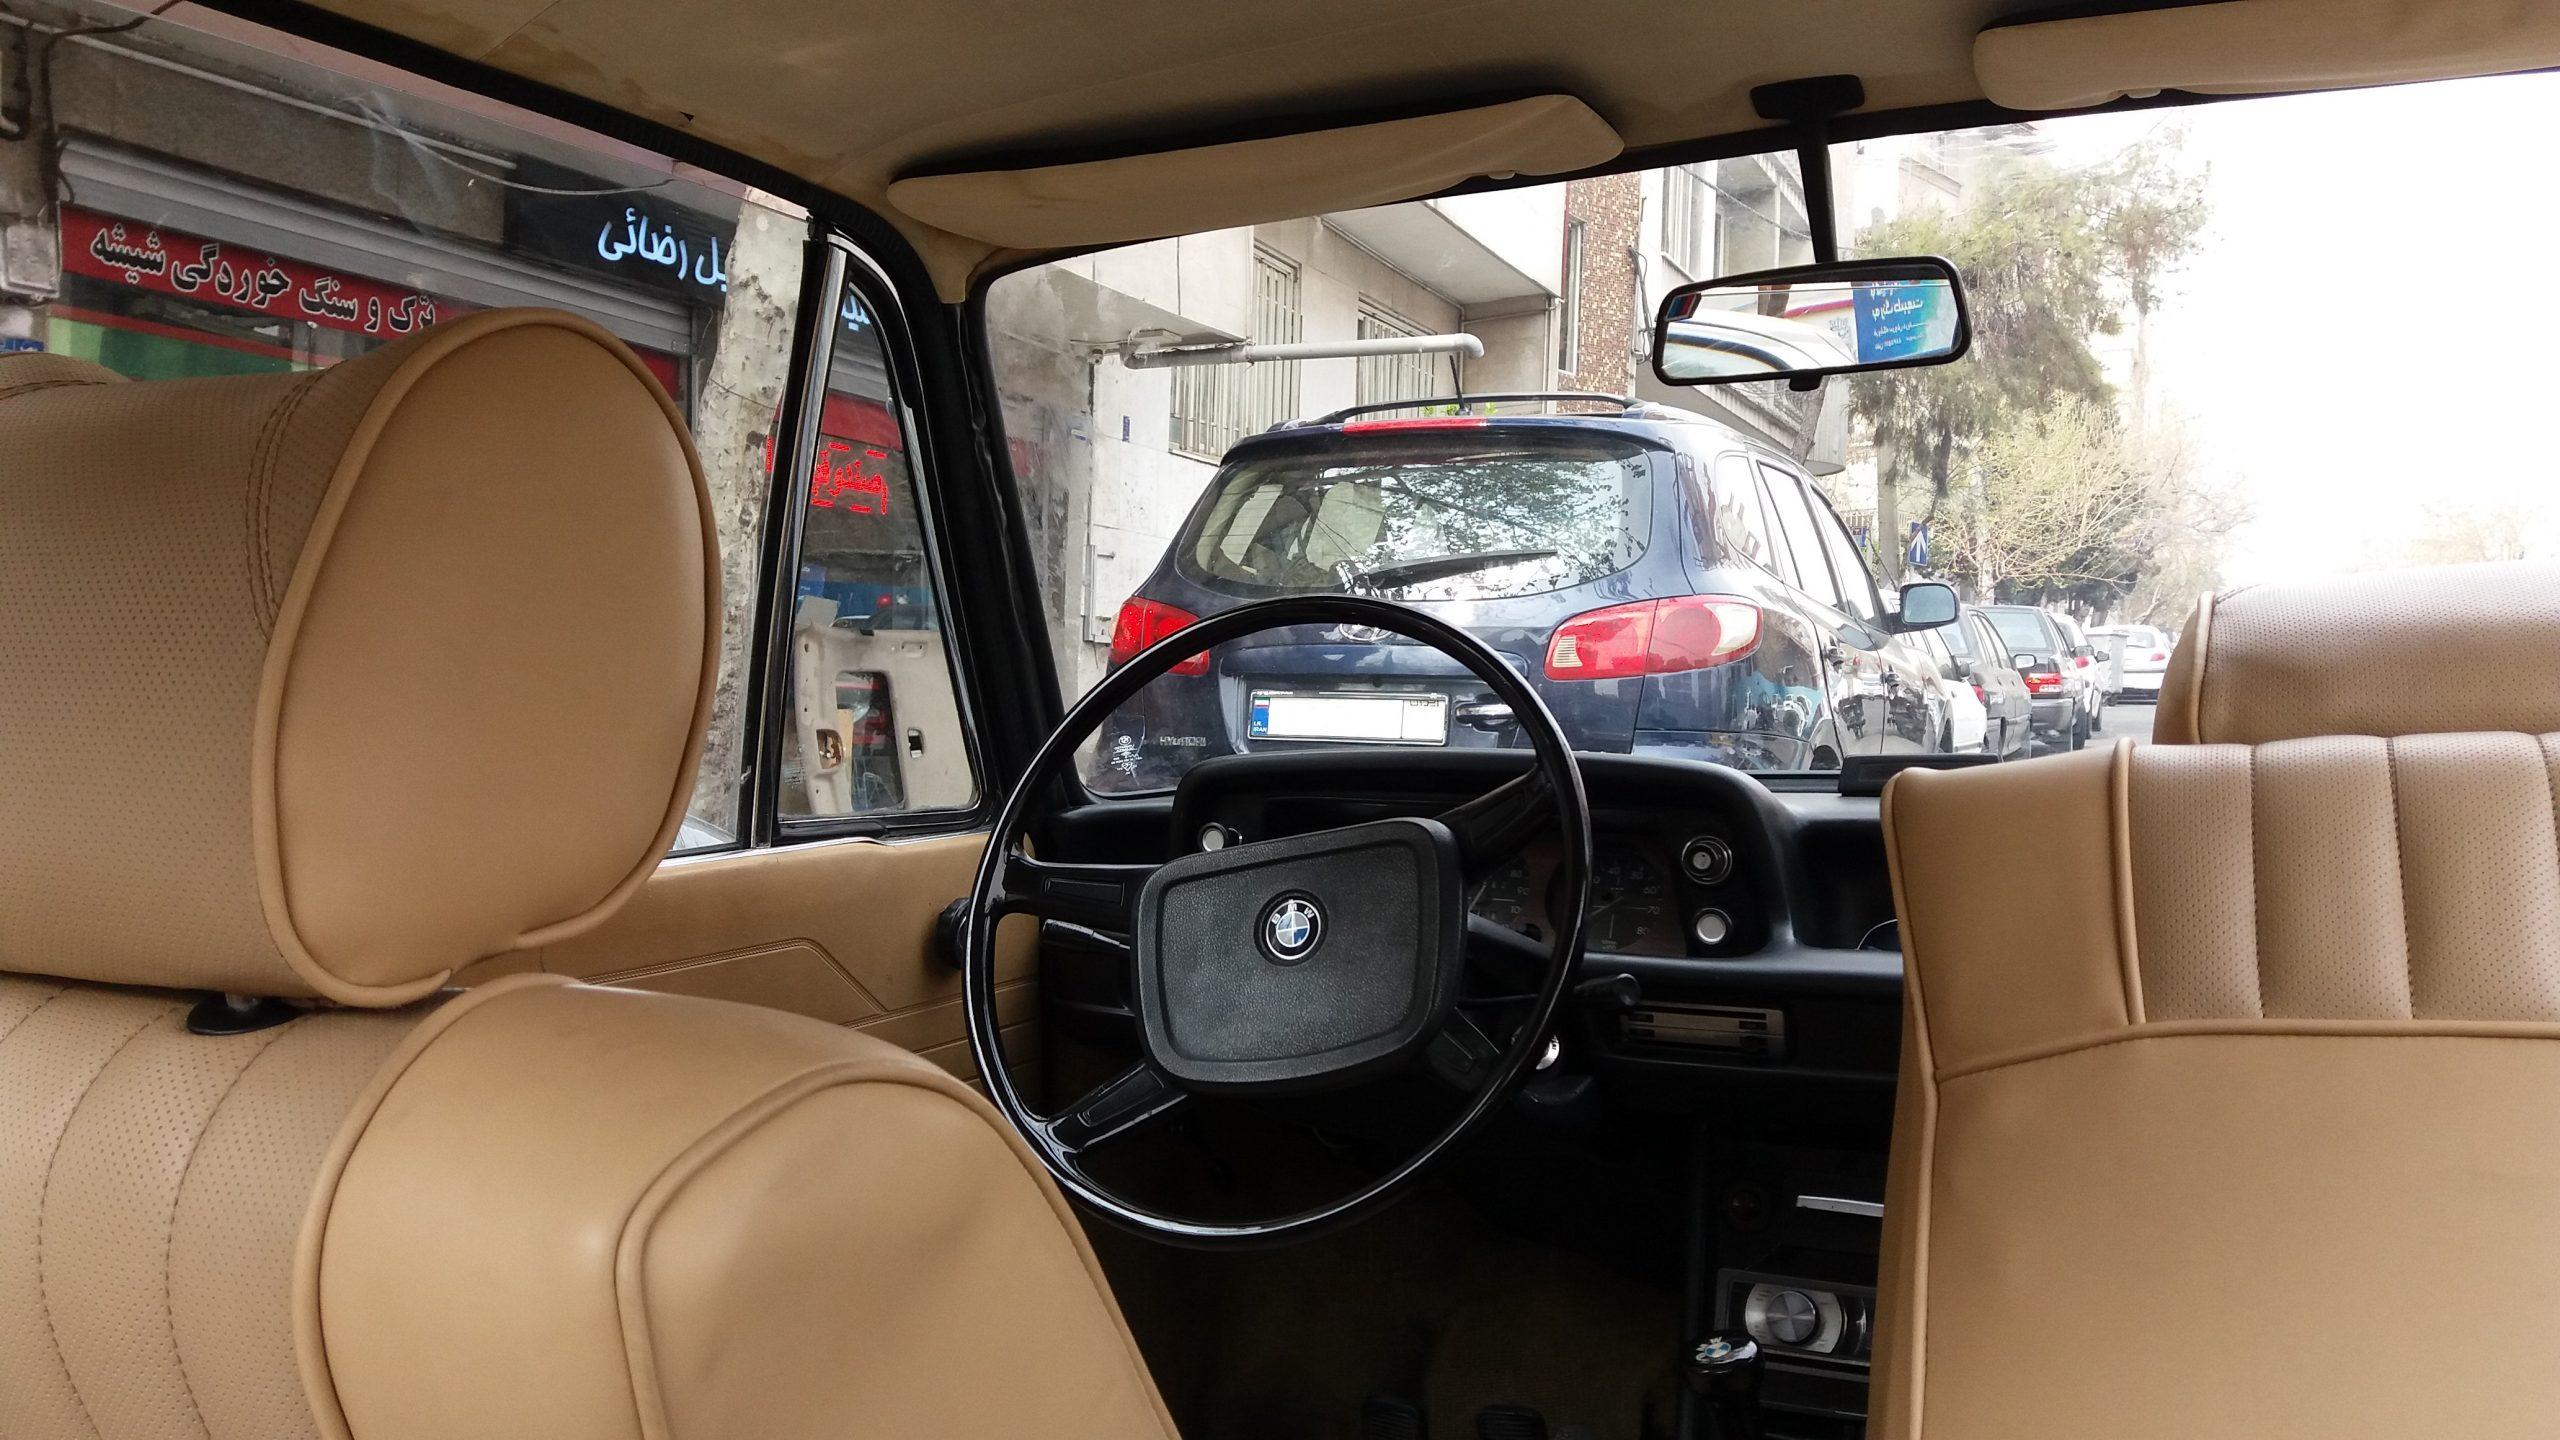 شیشه اتومبیل بی ام و